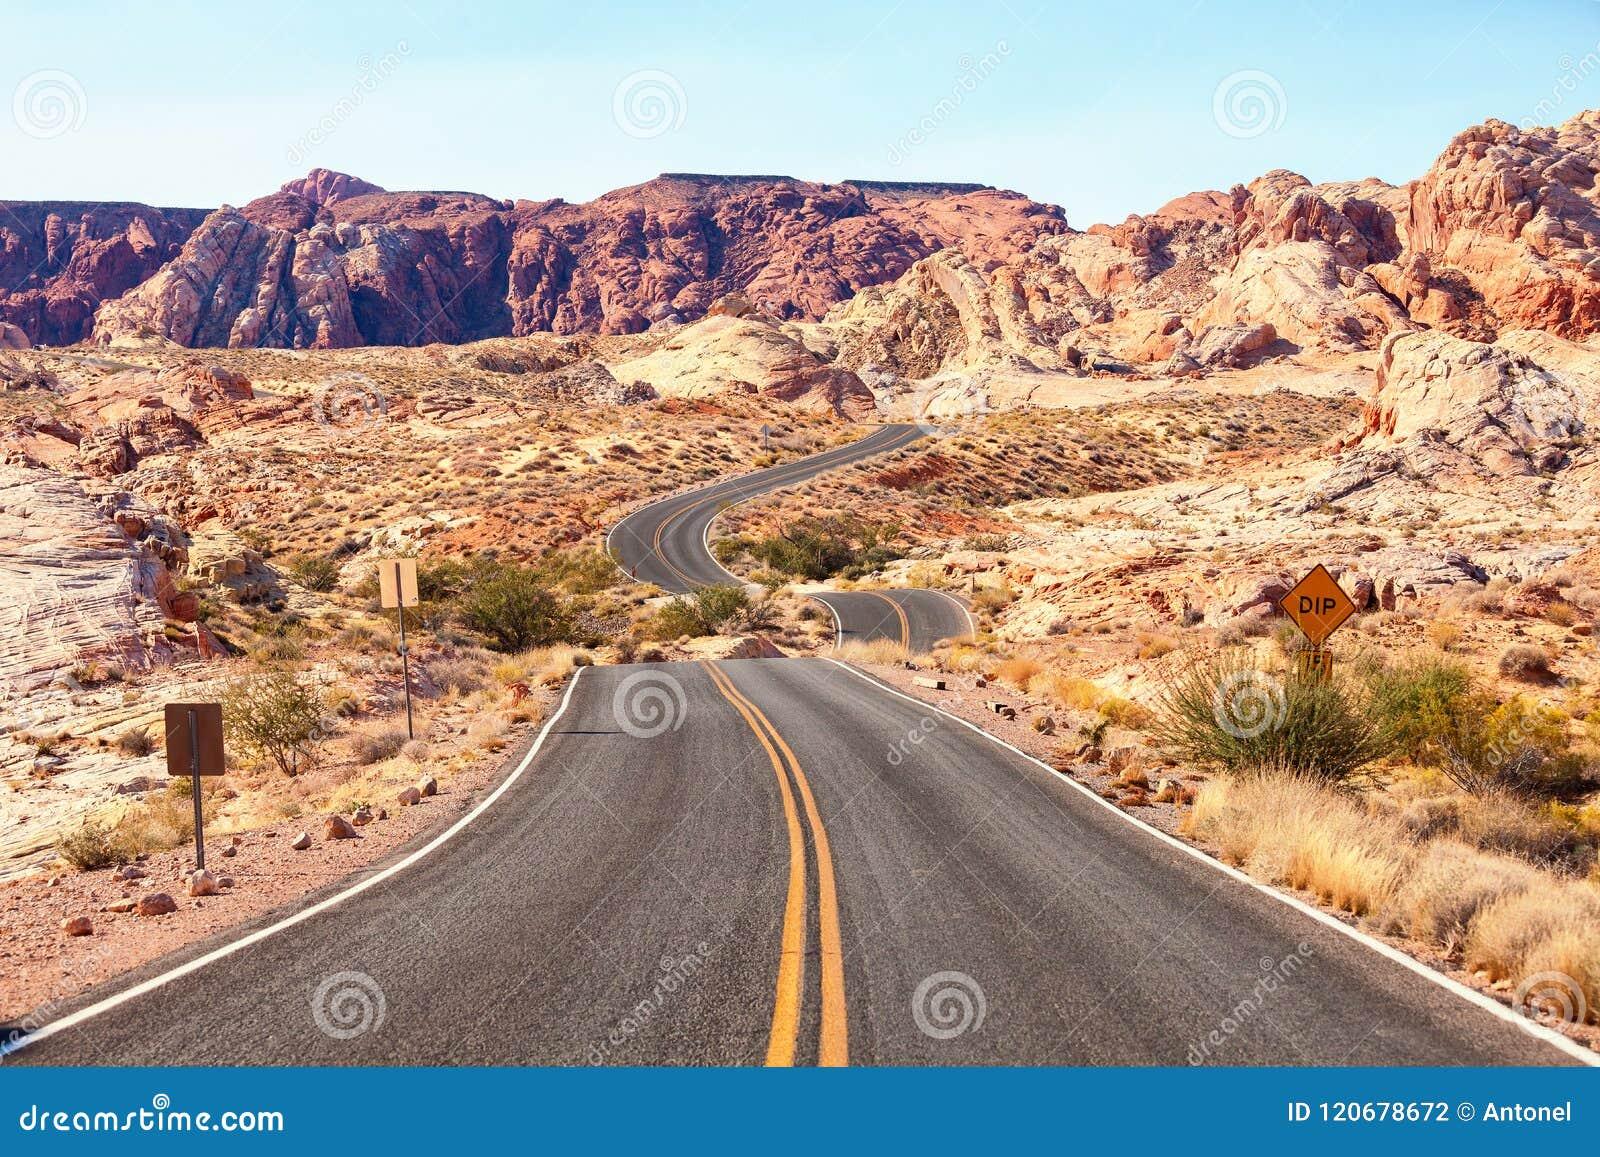 Φυσικός δρόμος στην κοιλάδα κρατικό πάρκο πυρκαγιάς, Νεβάδα, Ηνωμένες Πολιτείες